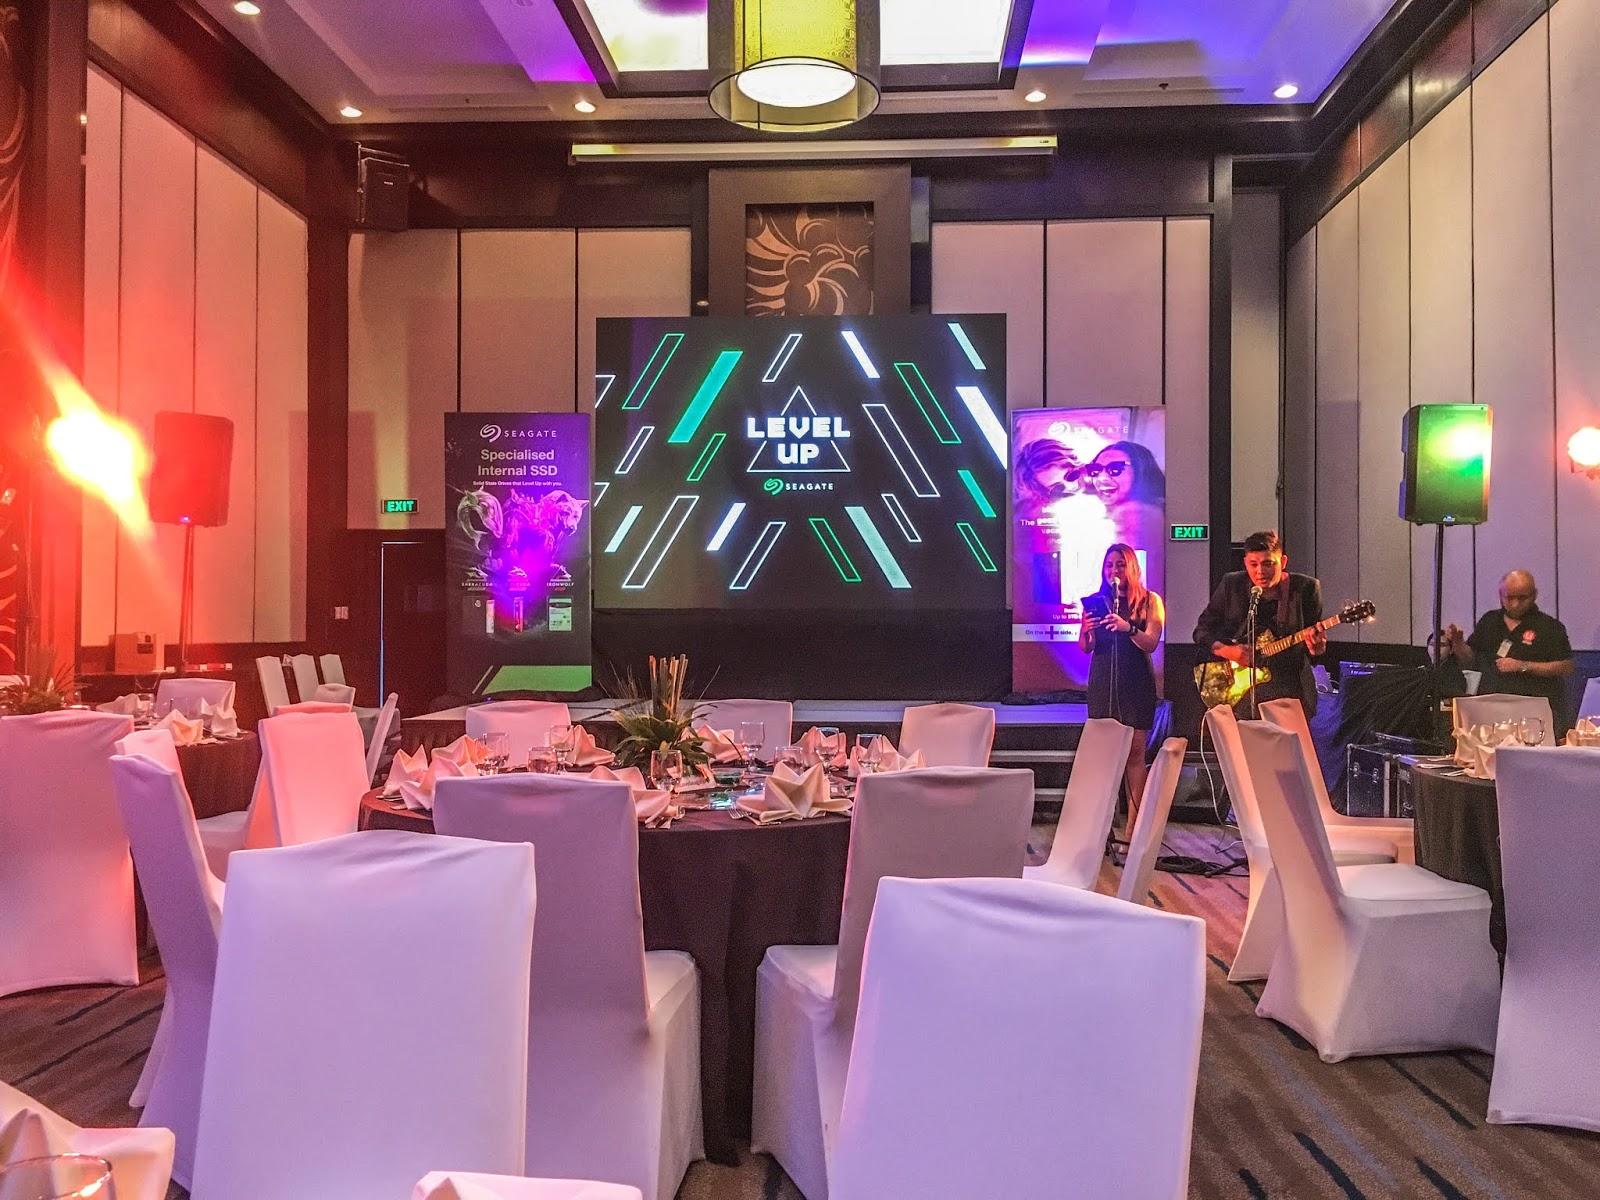 seagate cebu bloggers event